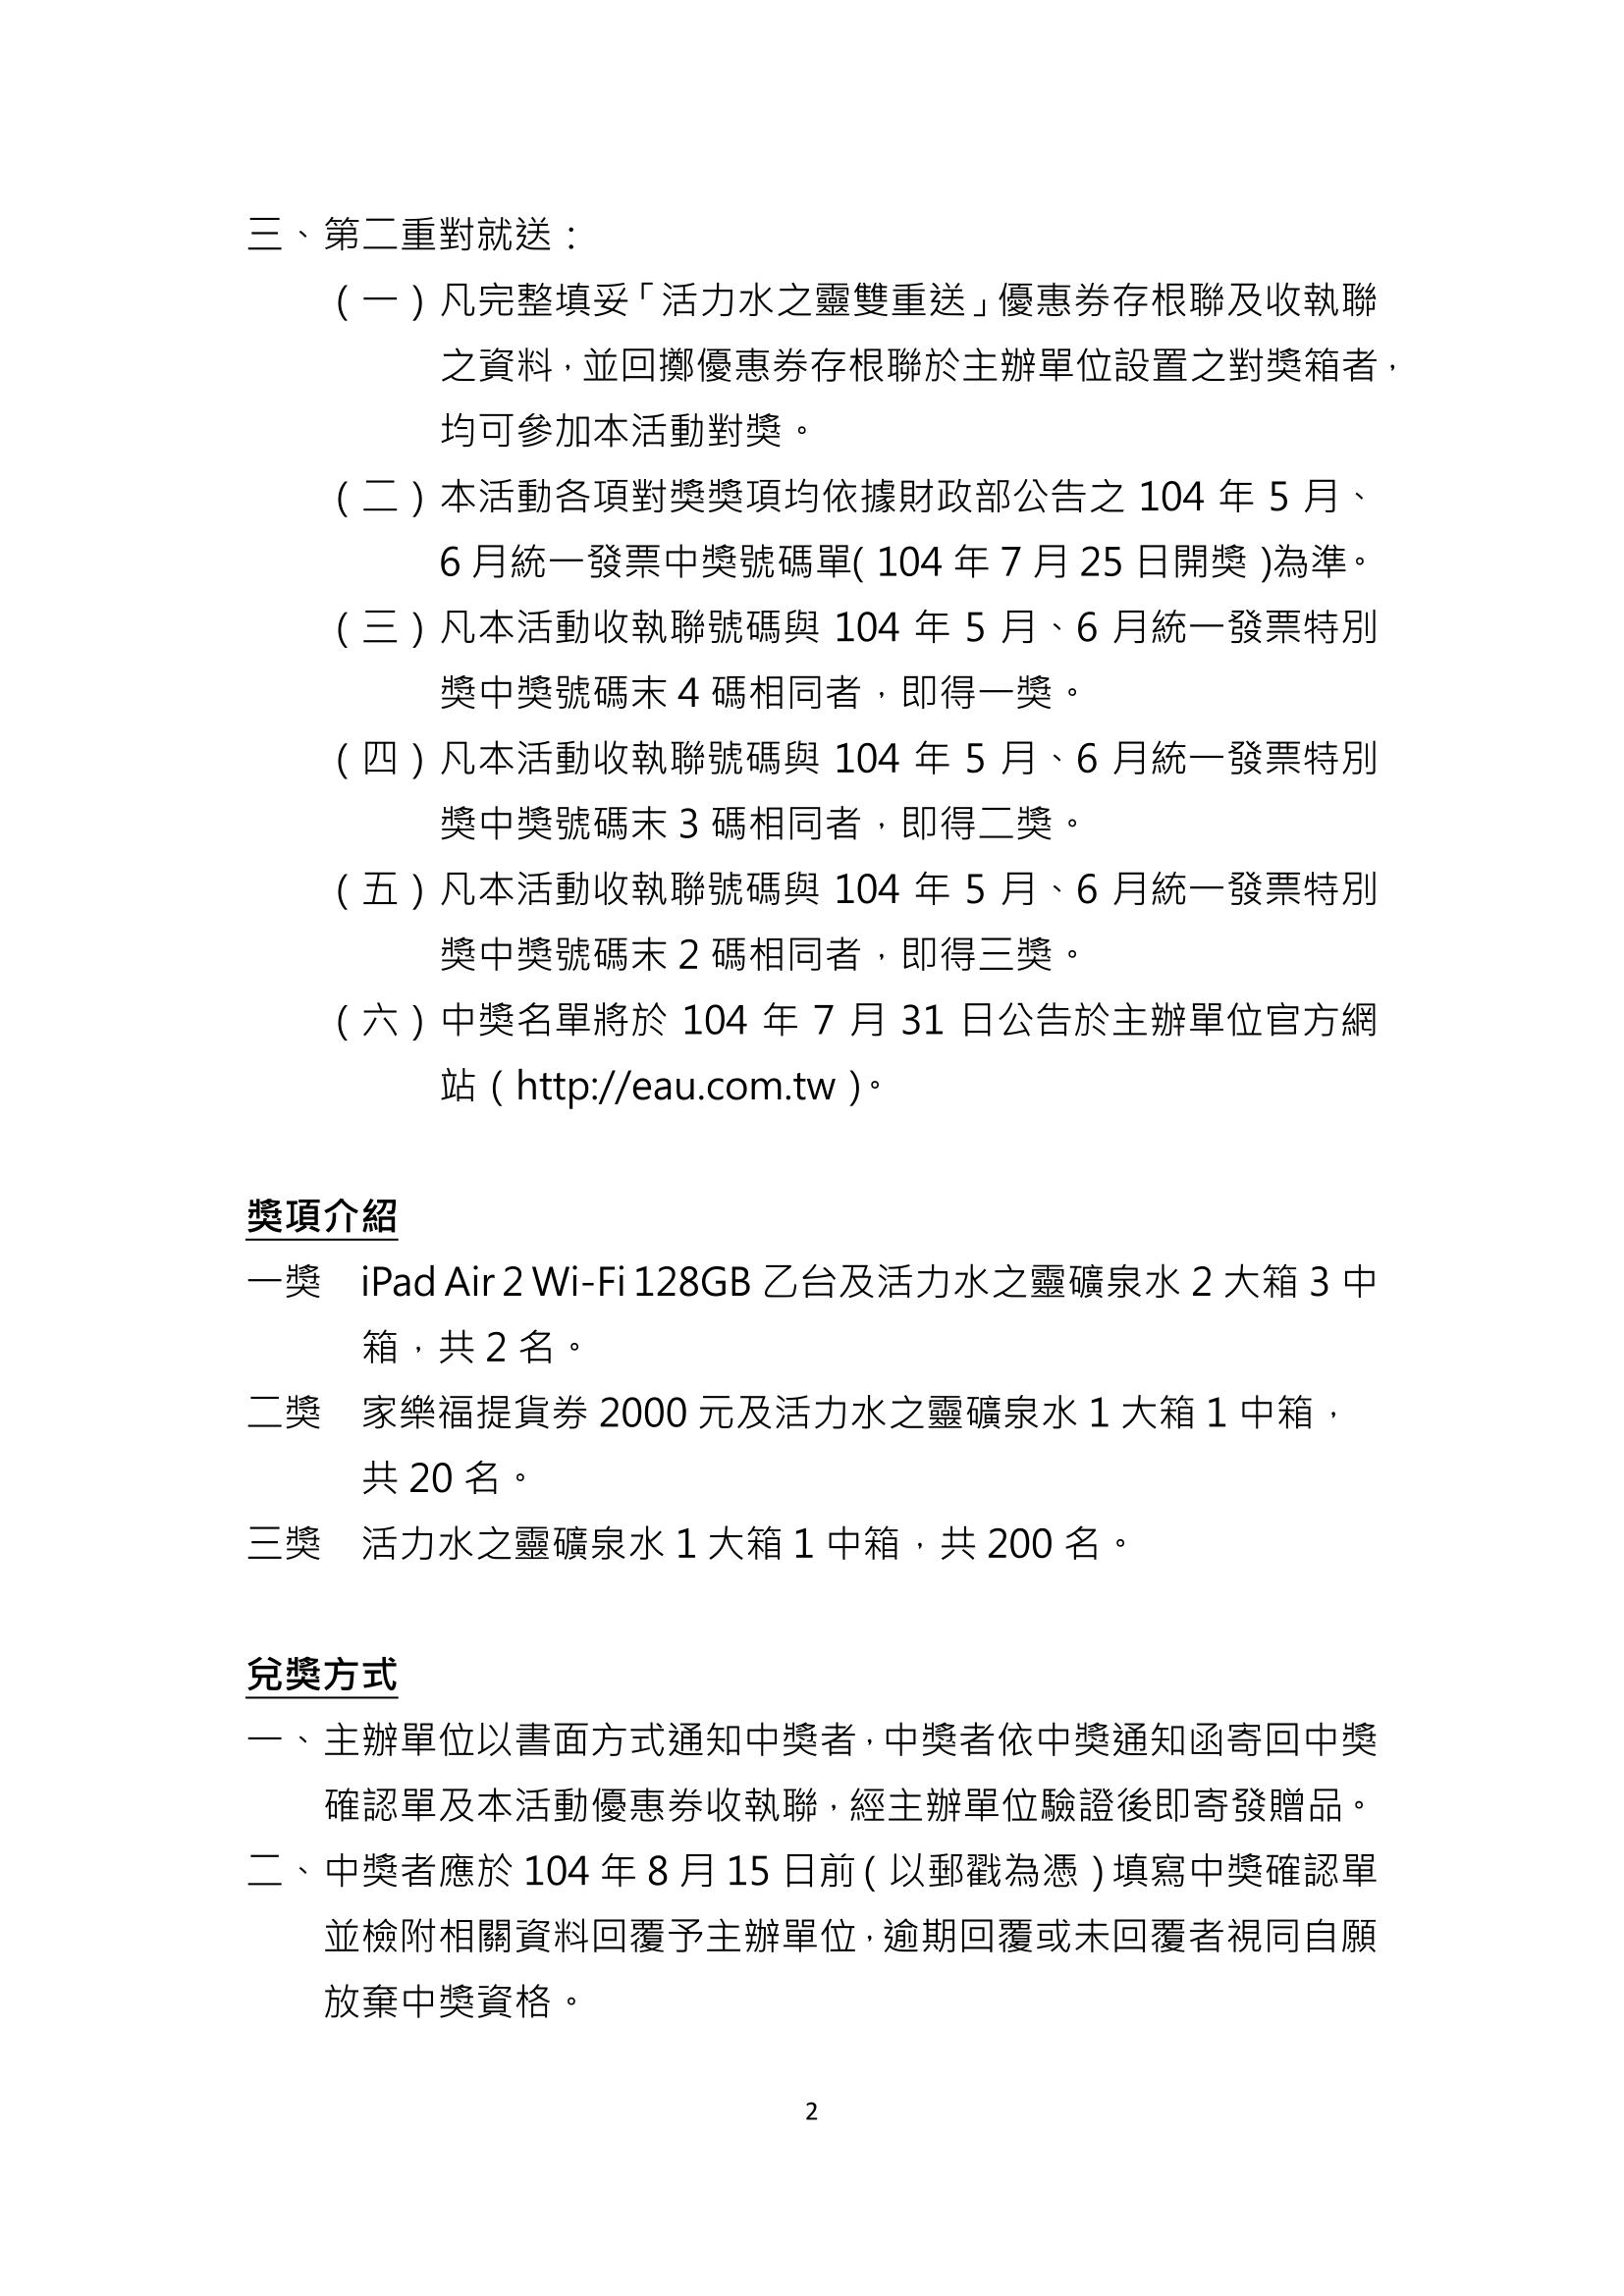 (V)活力水之靈雙重送活動辦法1040615-2